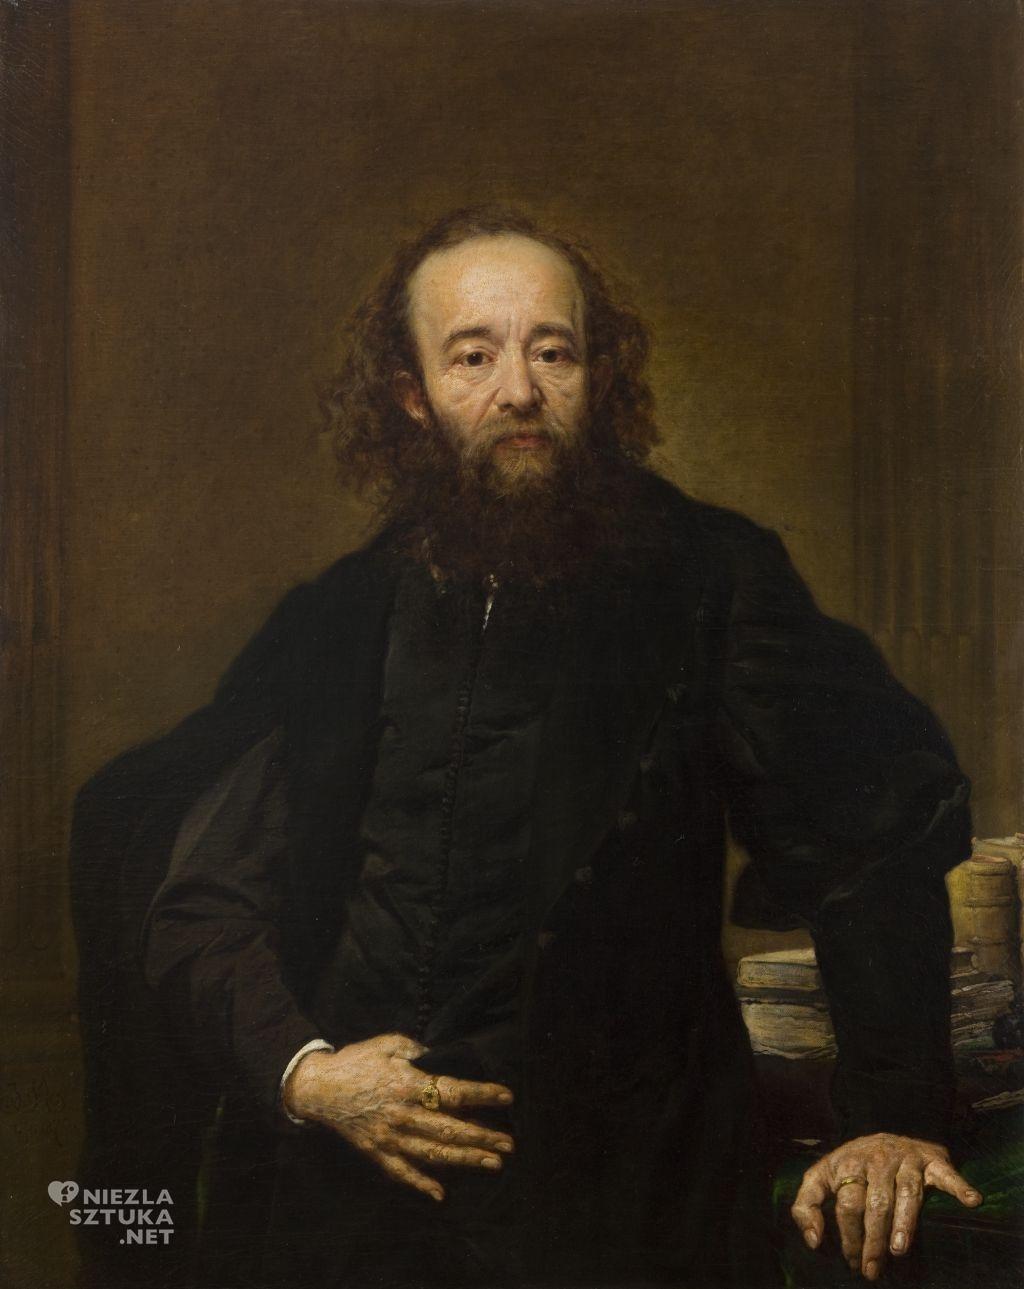 Jan Matejkom Portret Leonarda Serafińskiego, sztuka polska, malarstwo polskie, Niezła sztuka